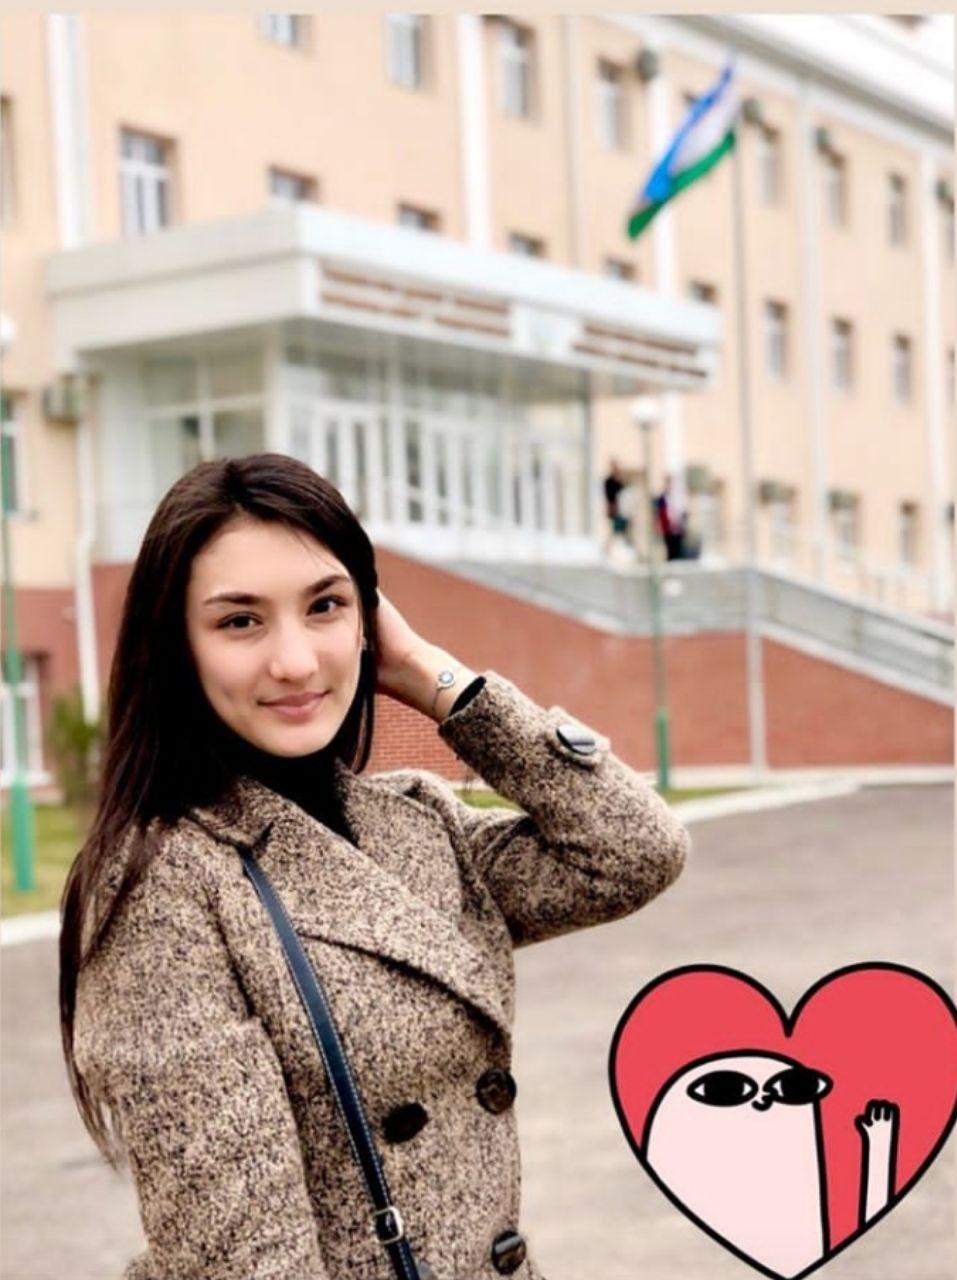 photo_2020-02-29_10-36-50